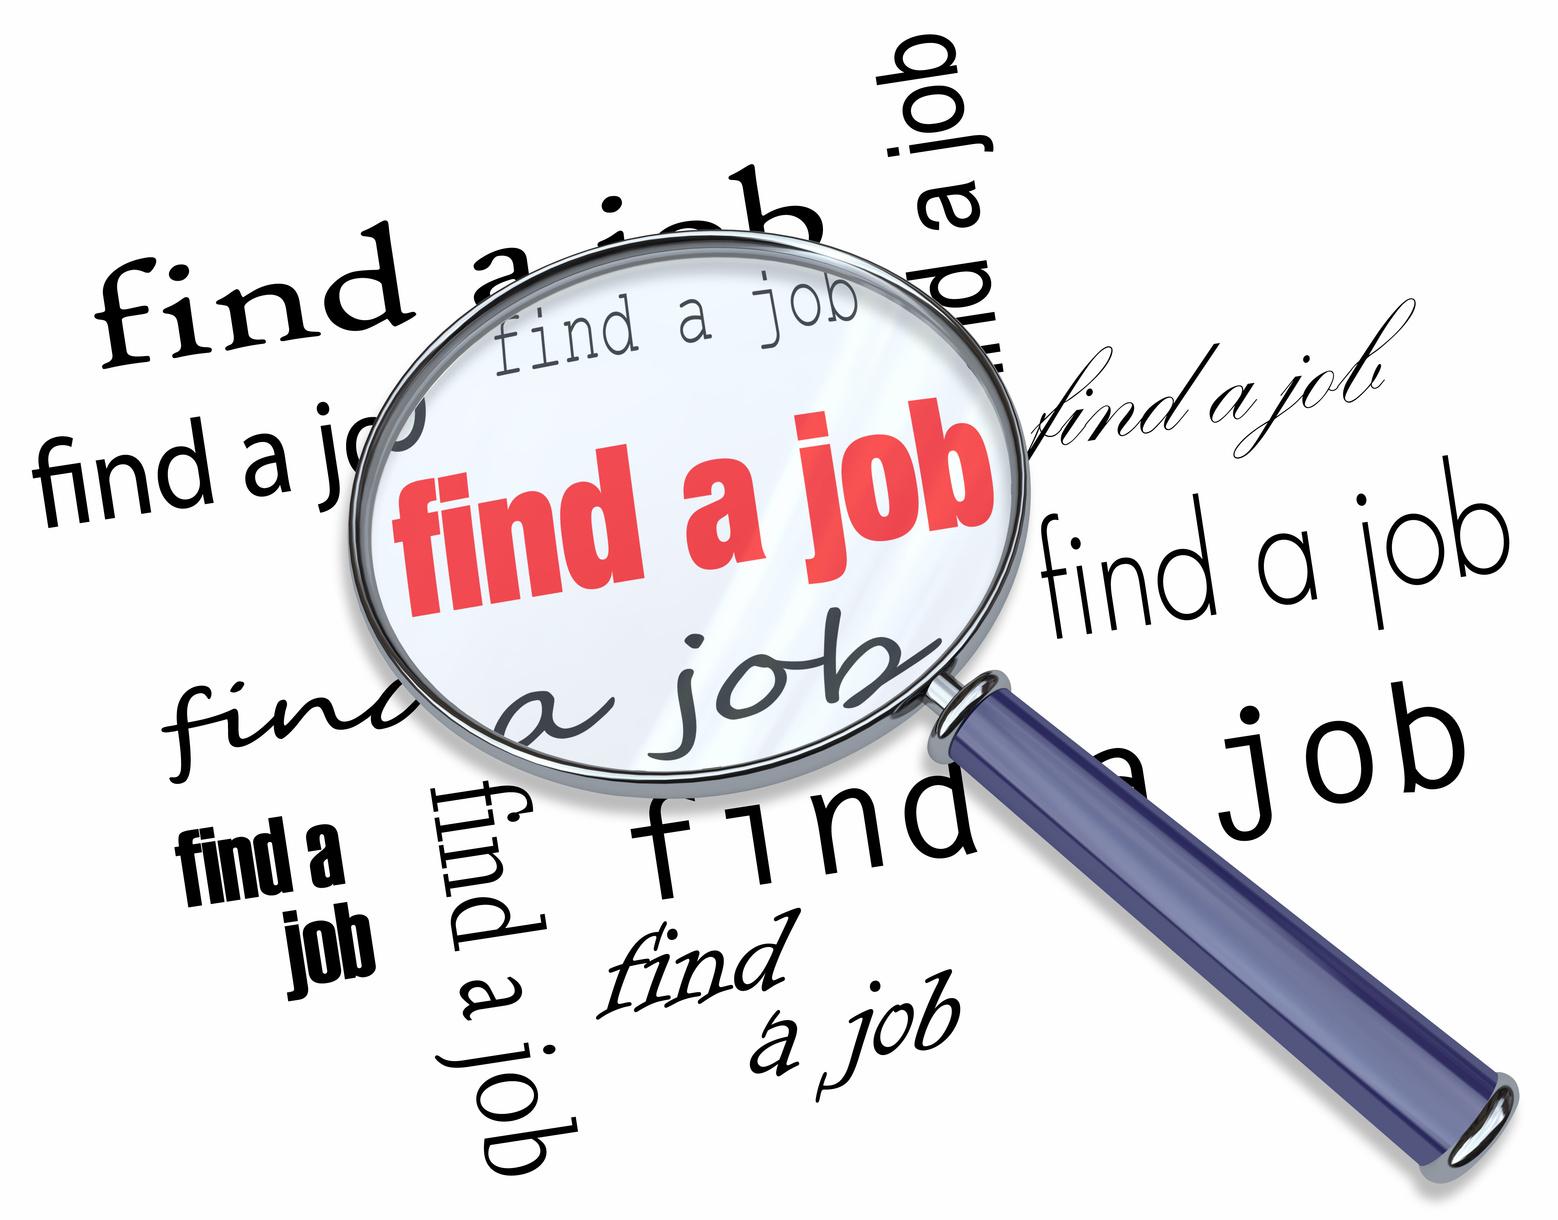 Ksib Media Job Search